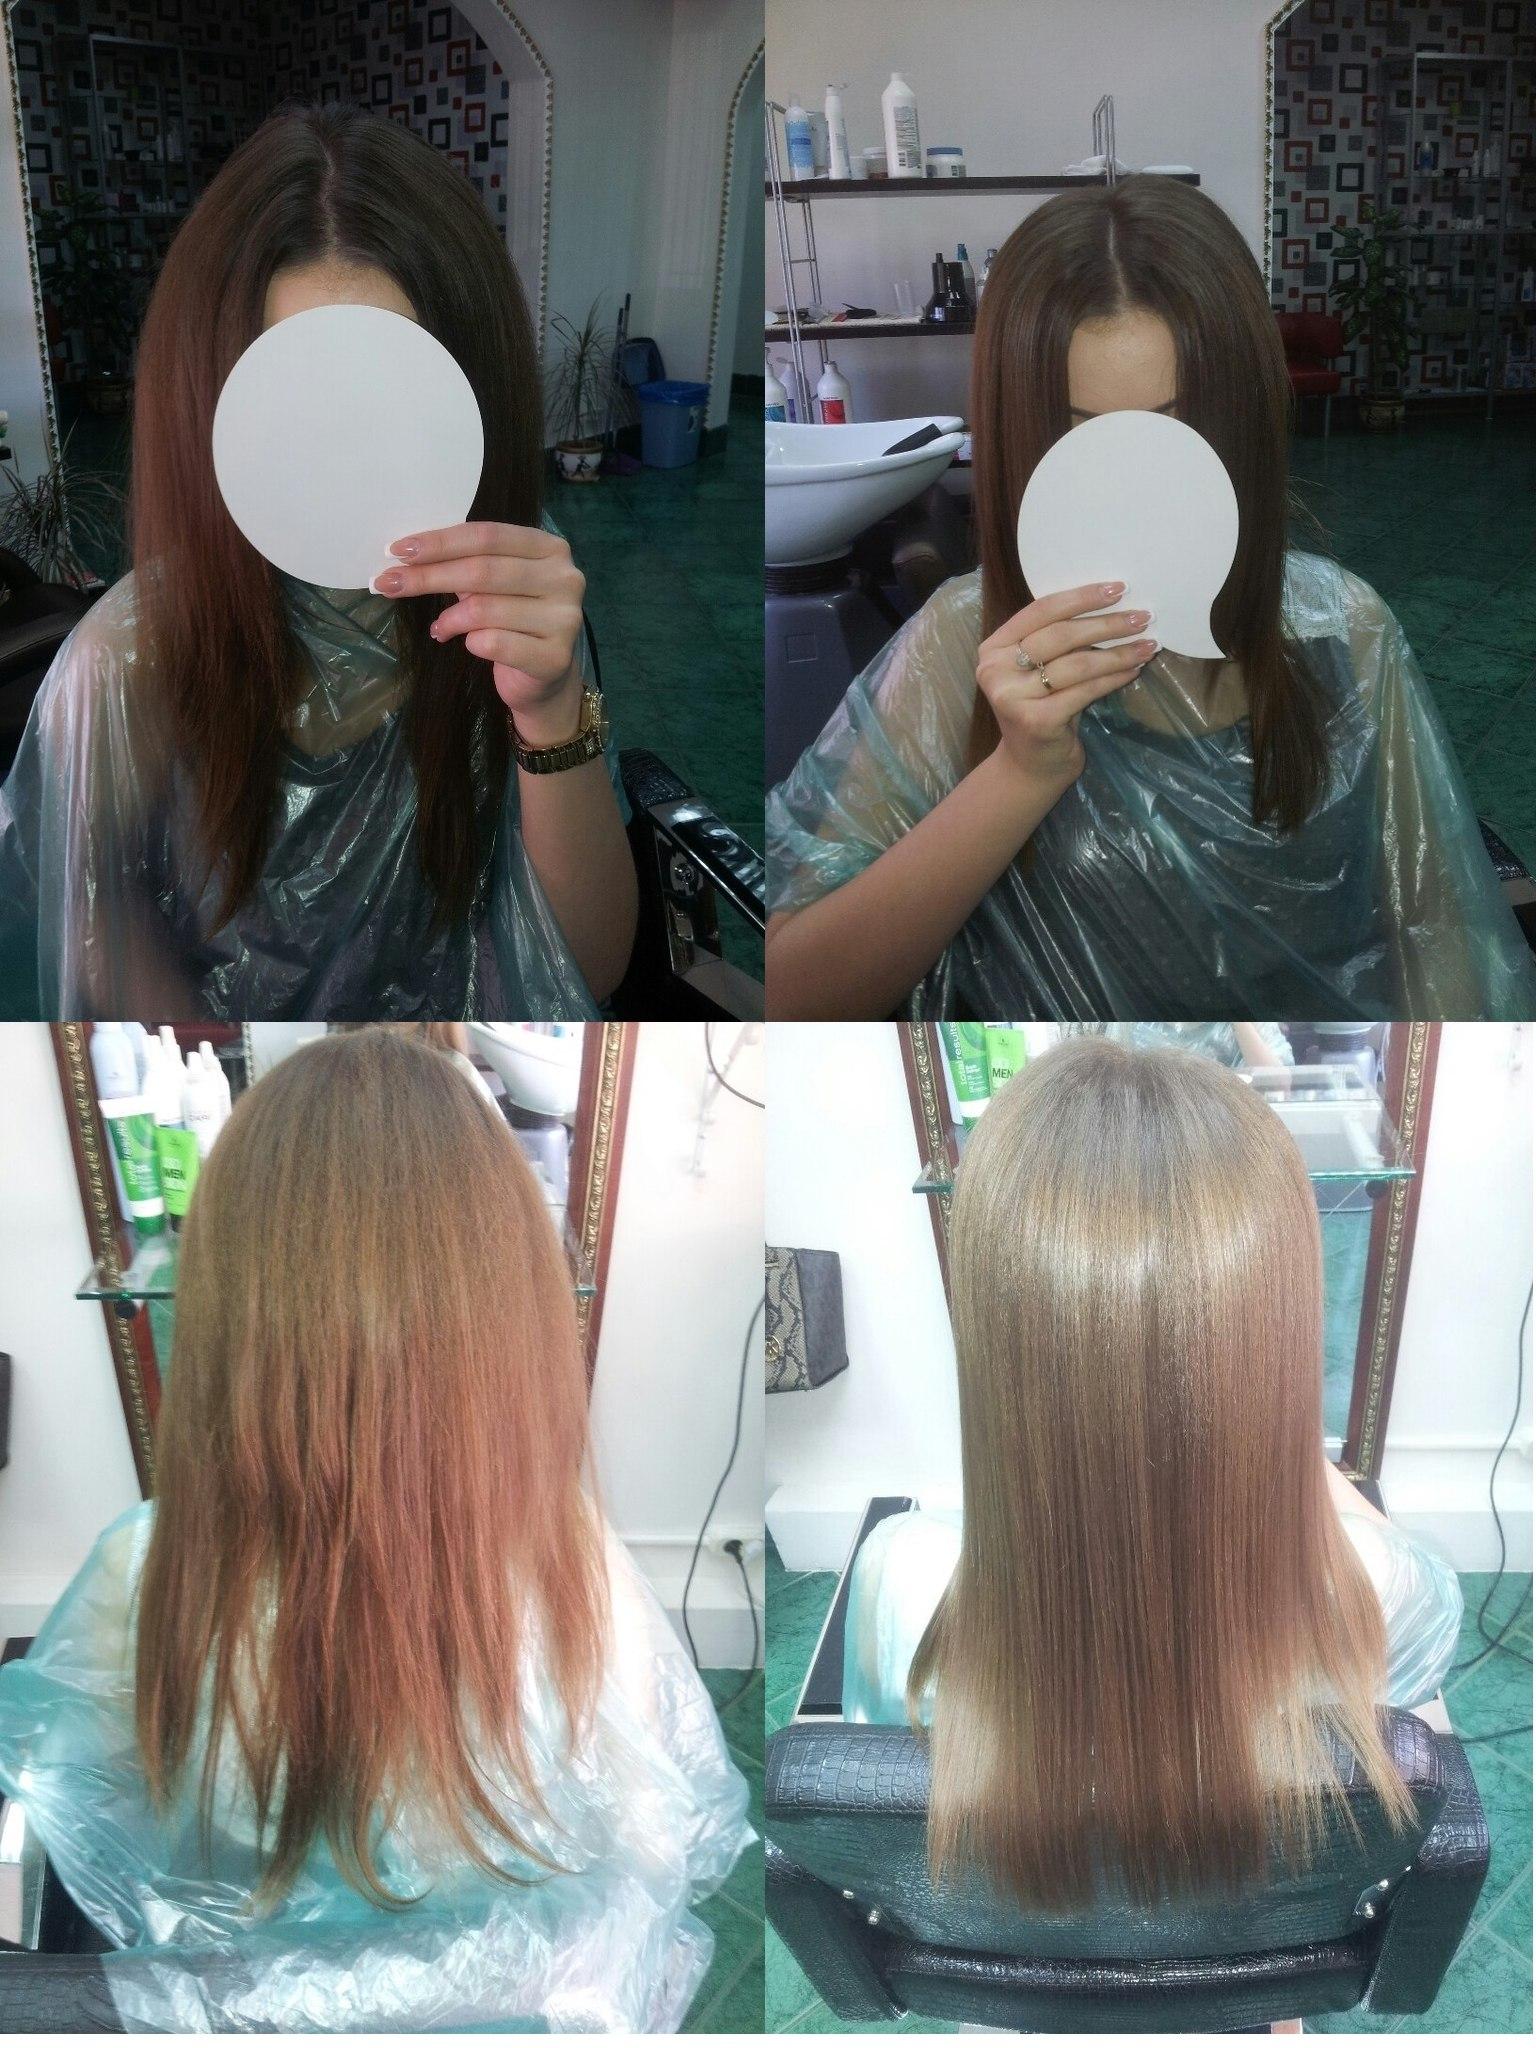 повторный буст ап + кератиновое выпрямление волос